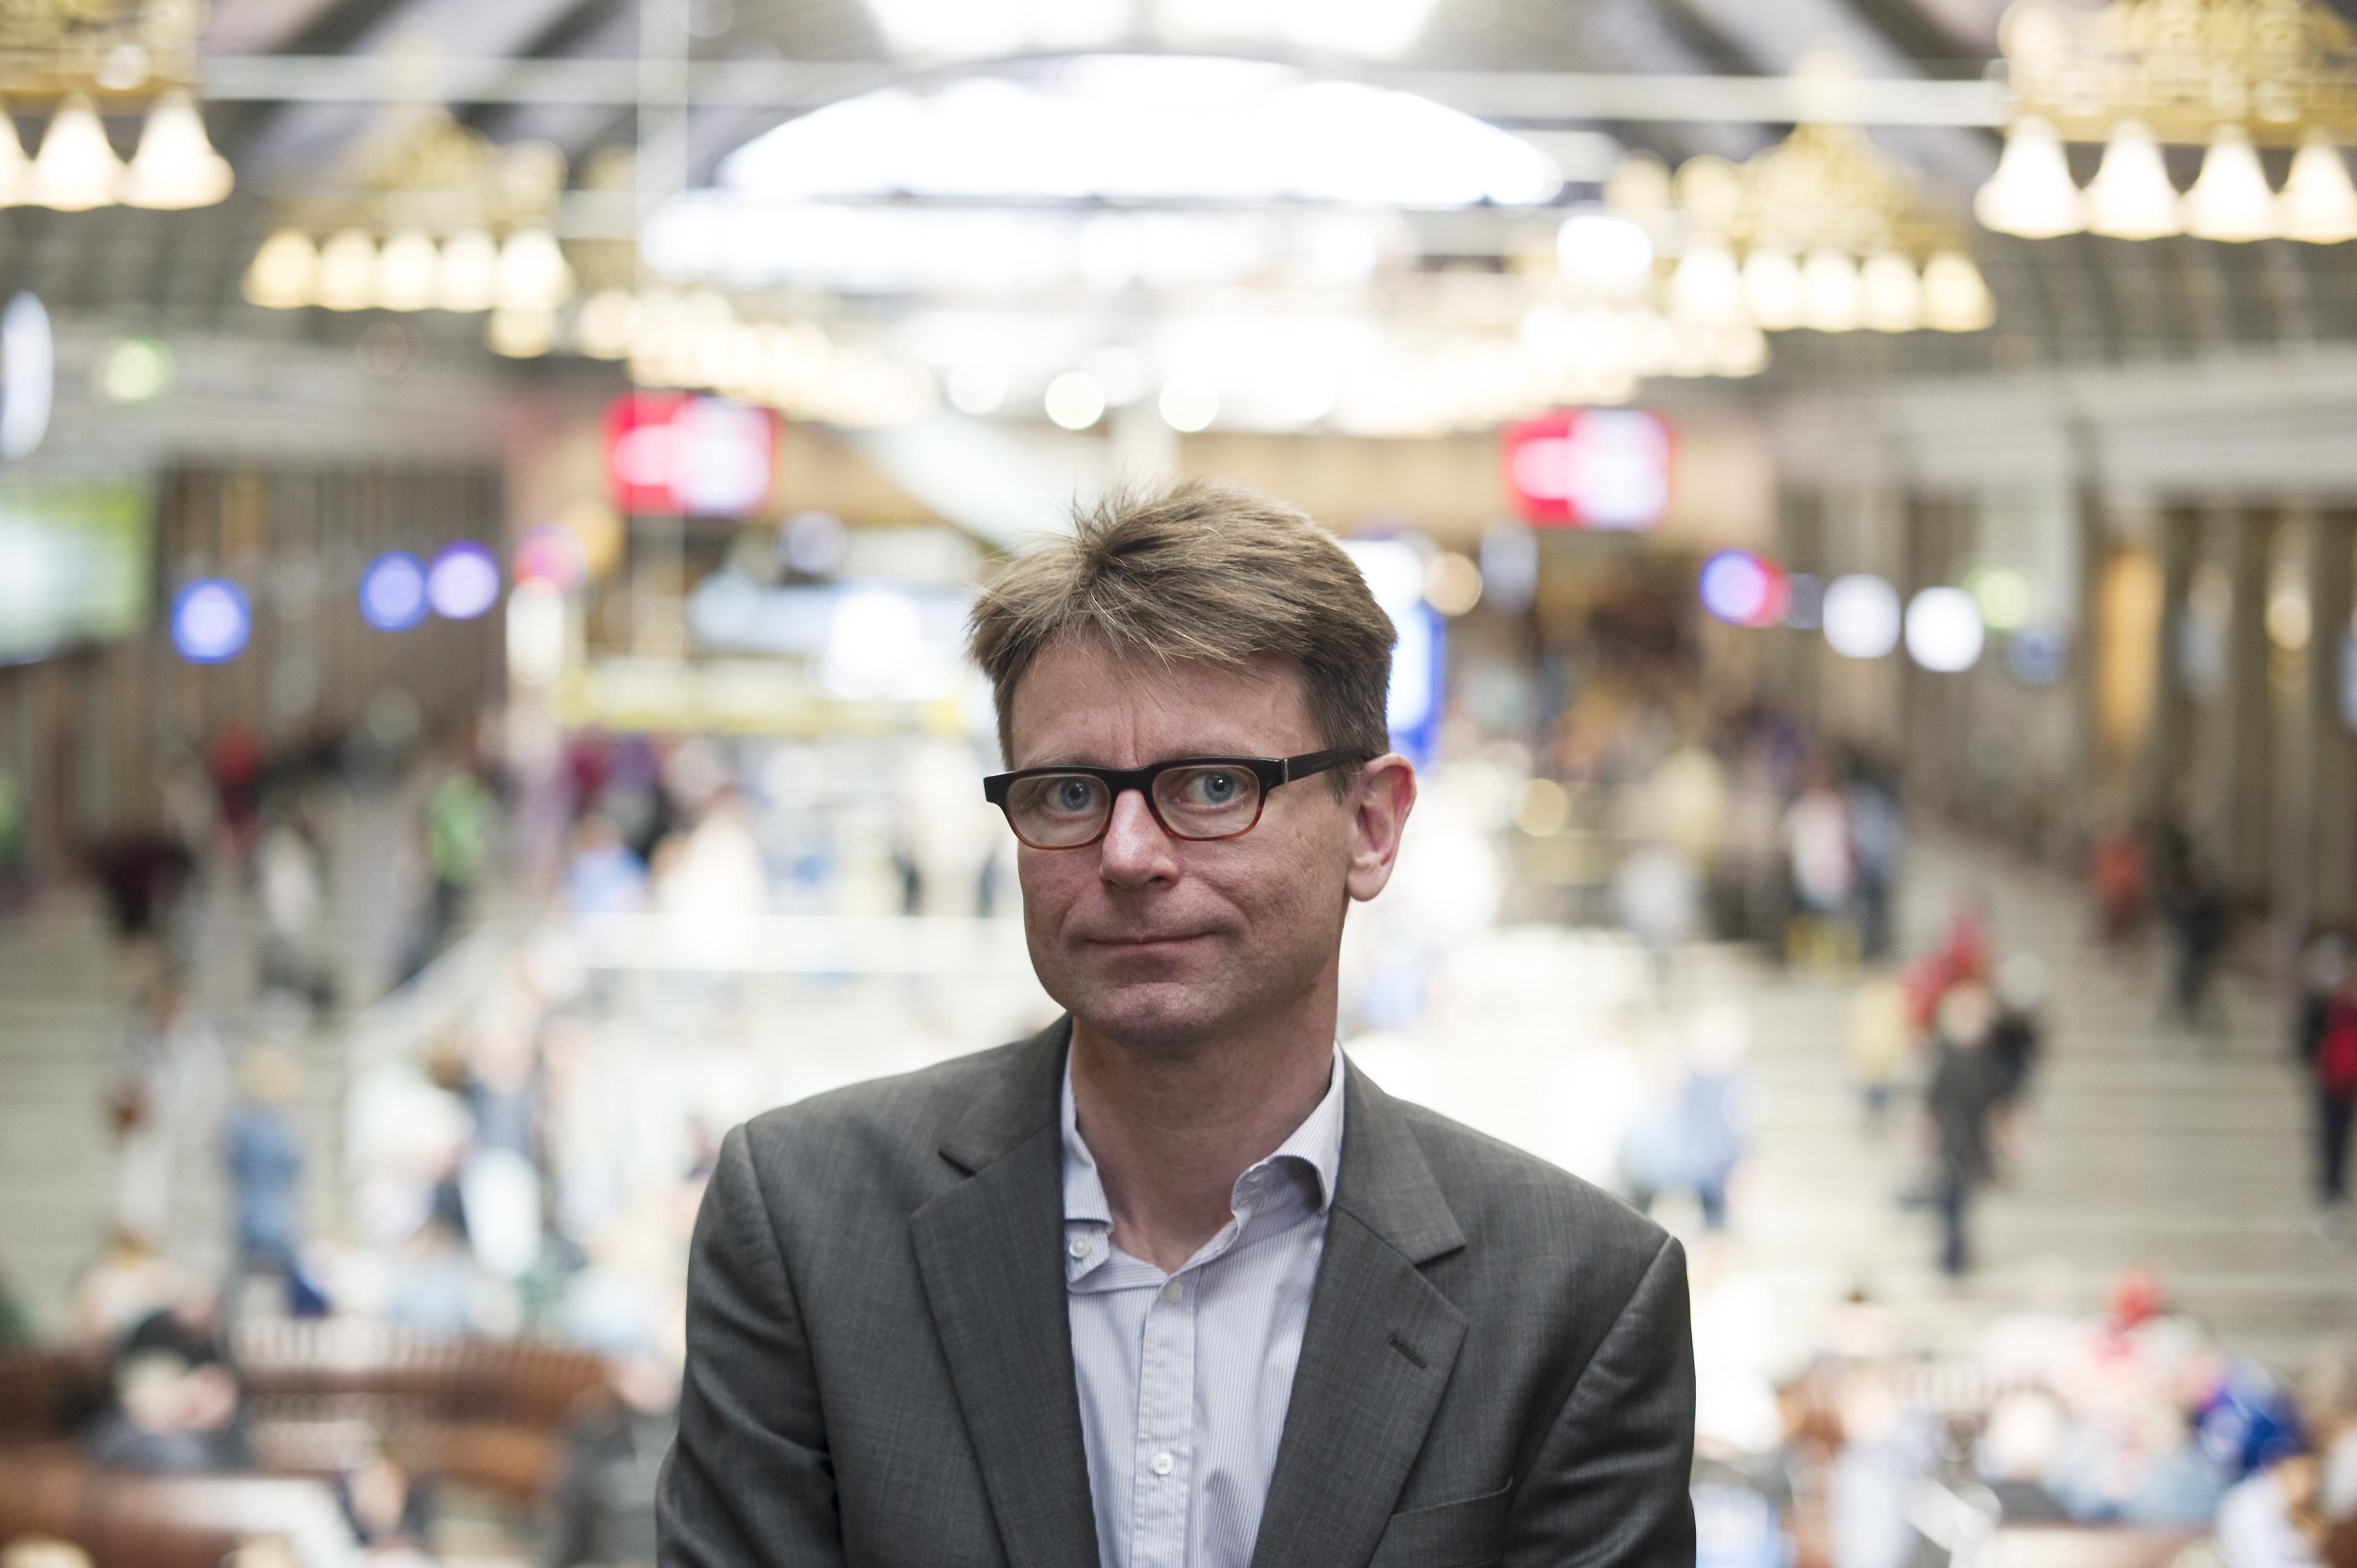 Peter Krameus hos SJ ser gärna en samarbetsmodell med Norrtåg som skulle öka möjligheterna att pendla med tåg i länet. Bild: Anna Alverhag